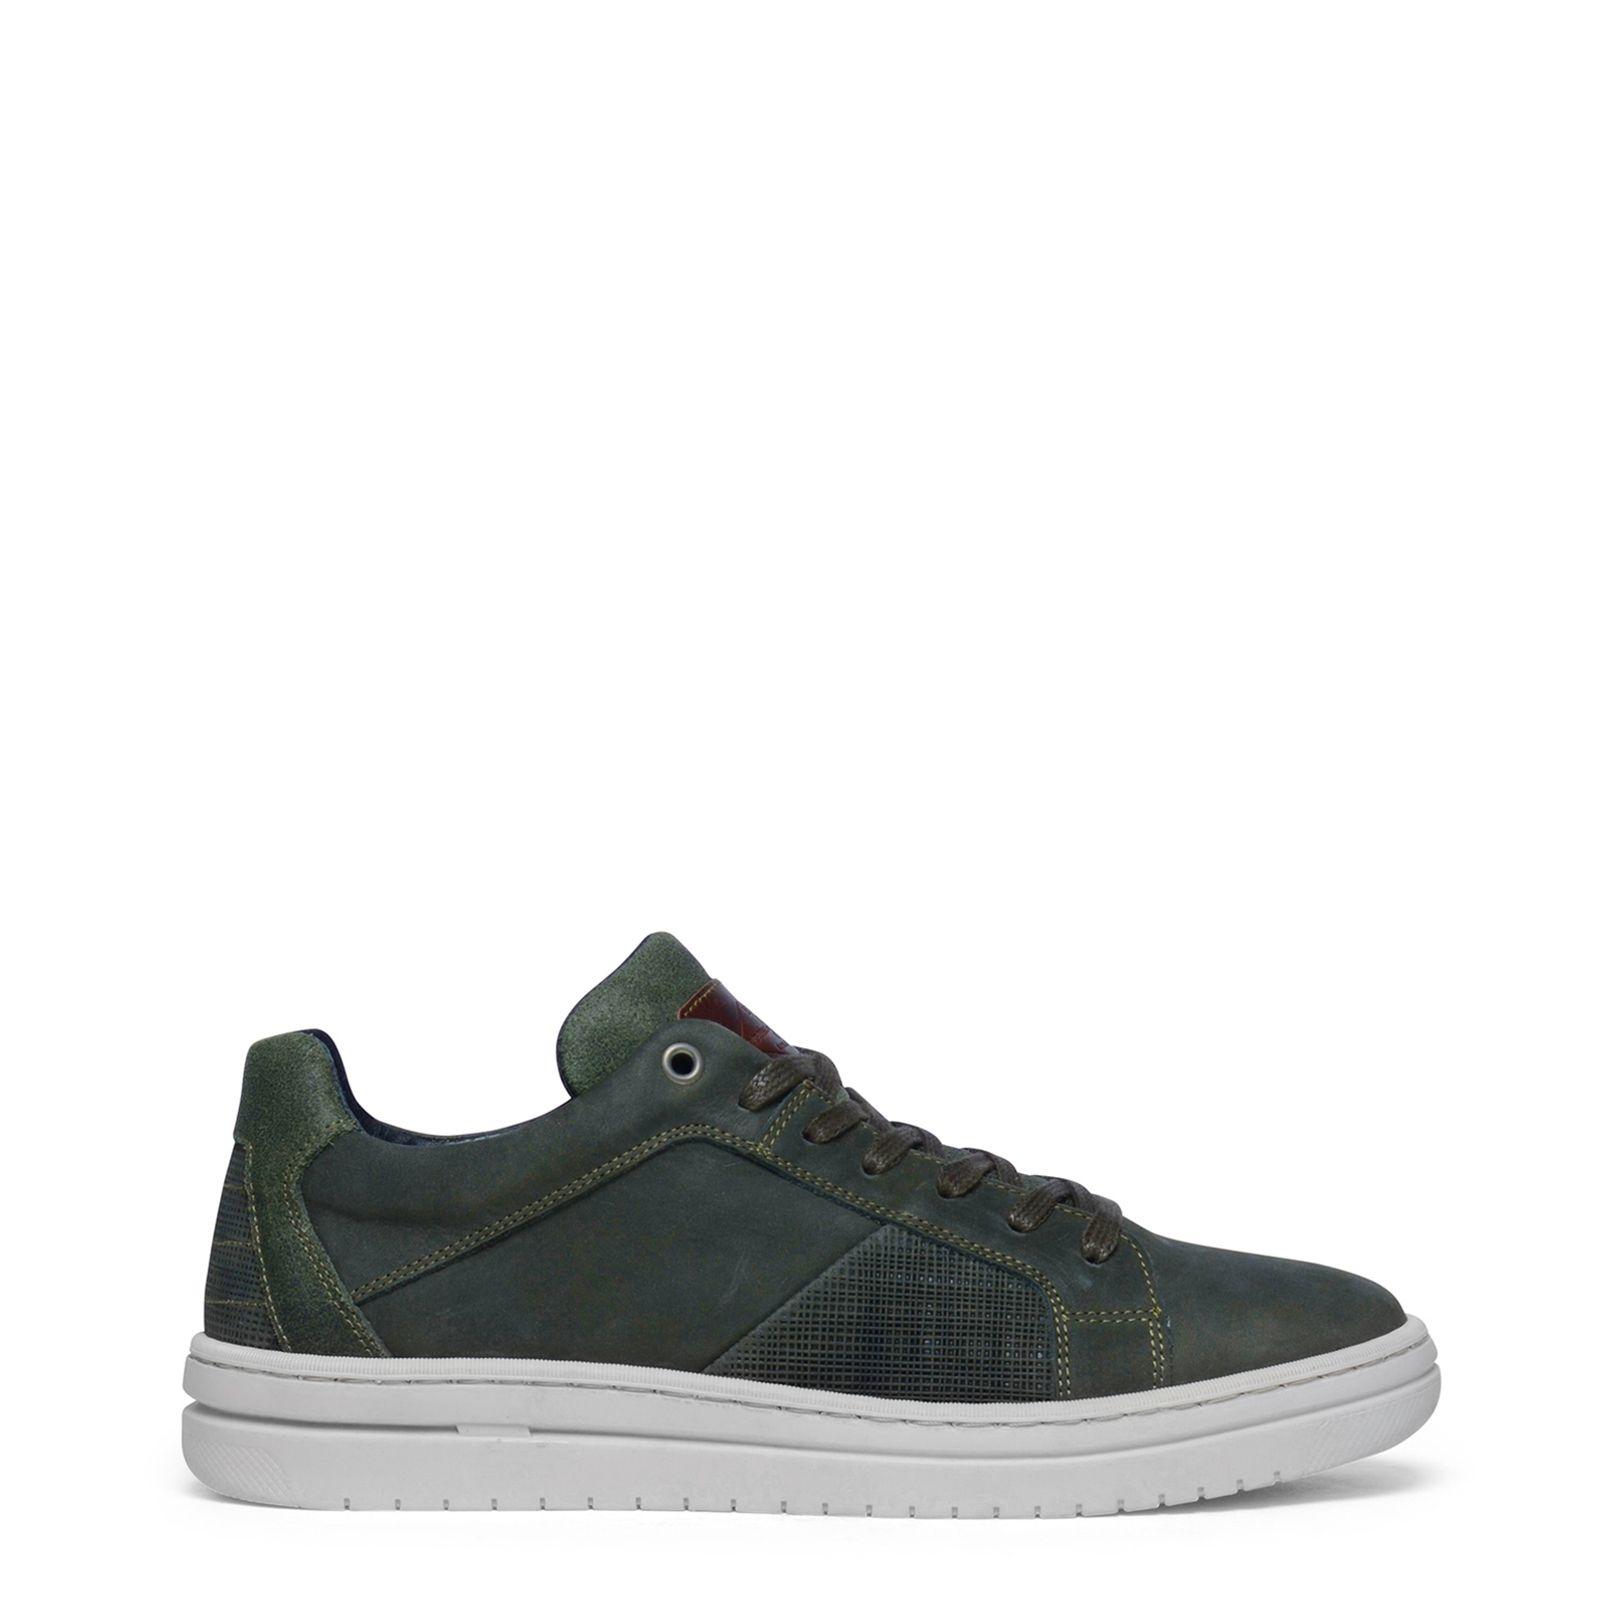 Cognacfarbene Sneaker mit breiter weißer Sohle (40 Freies Verschiffen Veröffentlichungstermine Eastbay Online Auslass Viele Arten Von Auslass Footlocker Bilder Tc6LkoMg